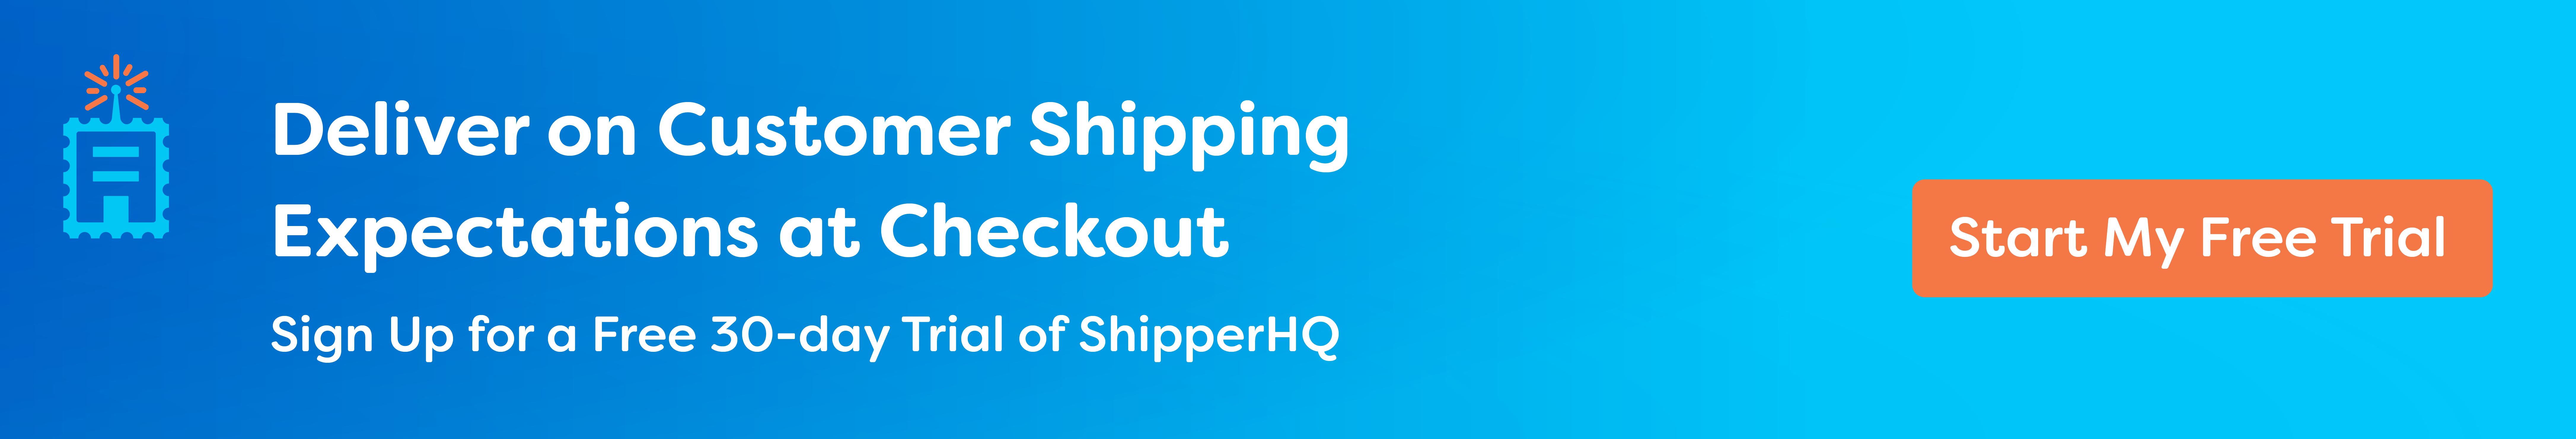 shipperHQ free trial